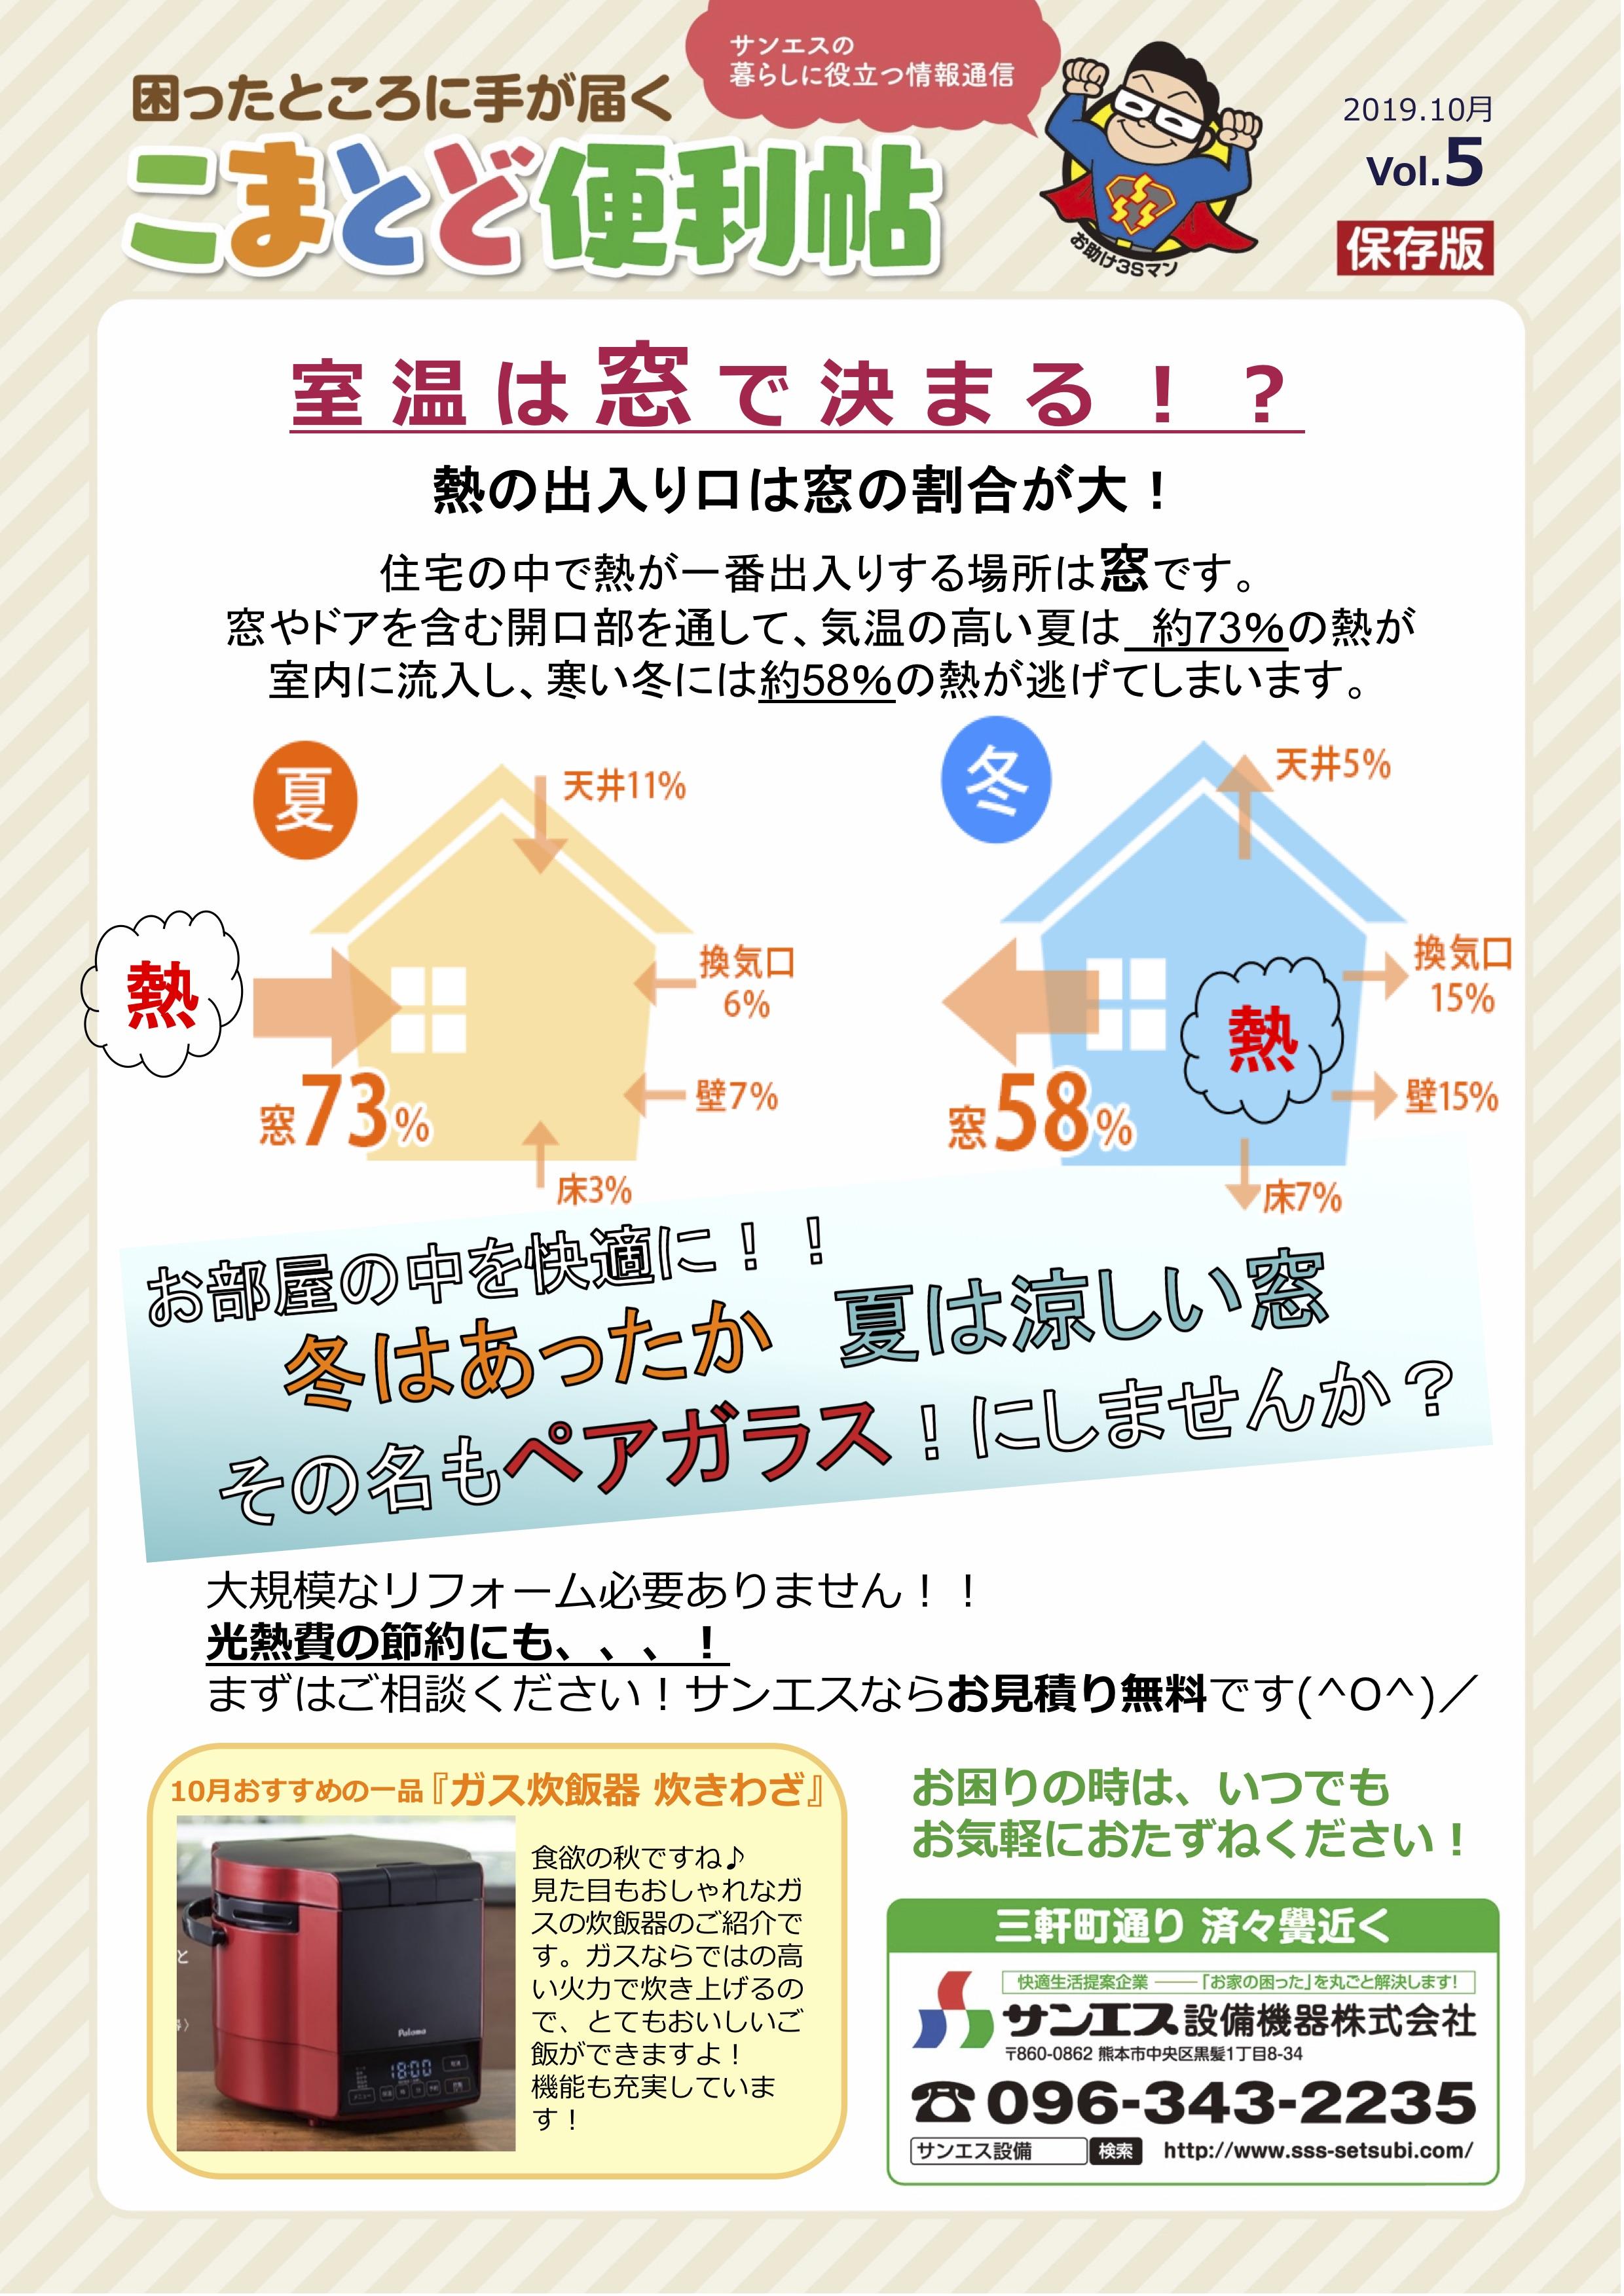 こまとど便利帖201908